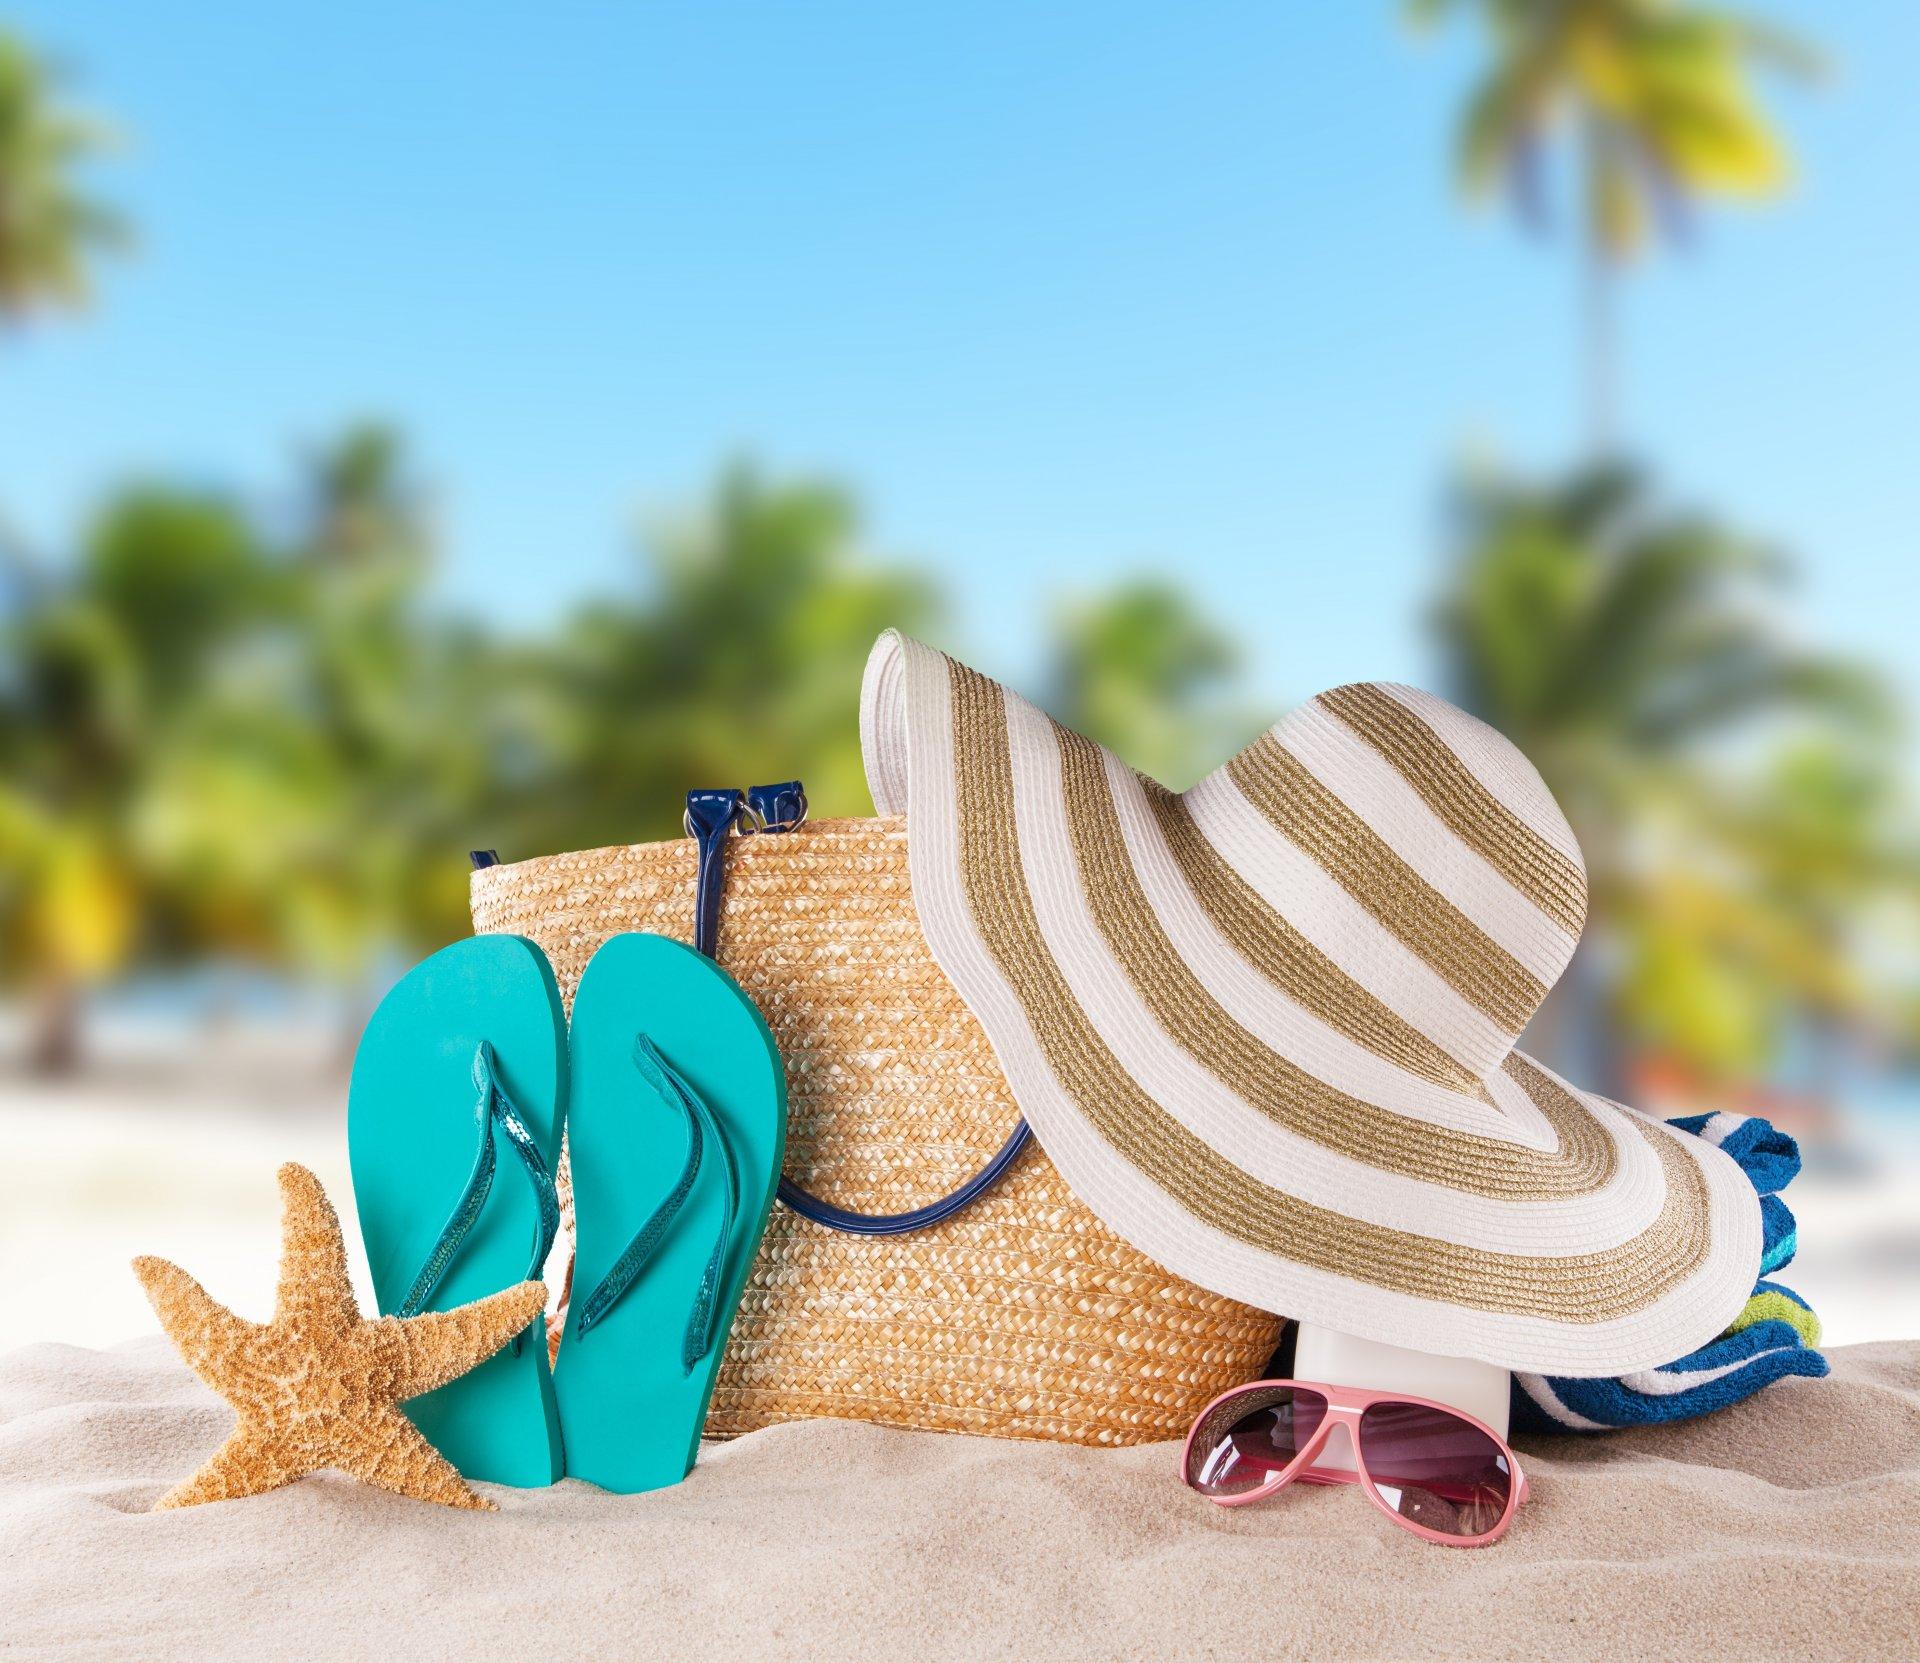 картинки сувениры с летнего отдыха нет, следующий